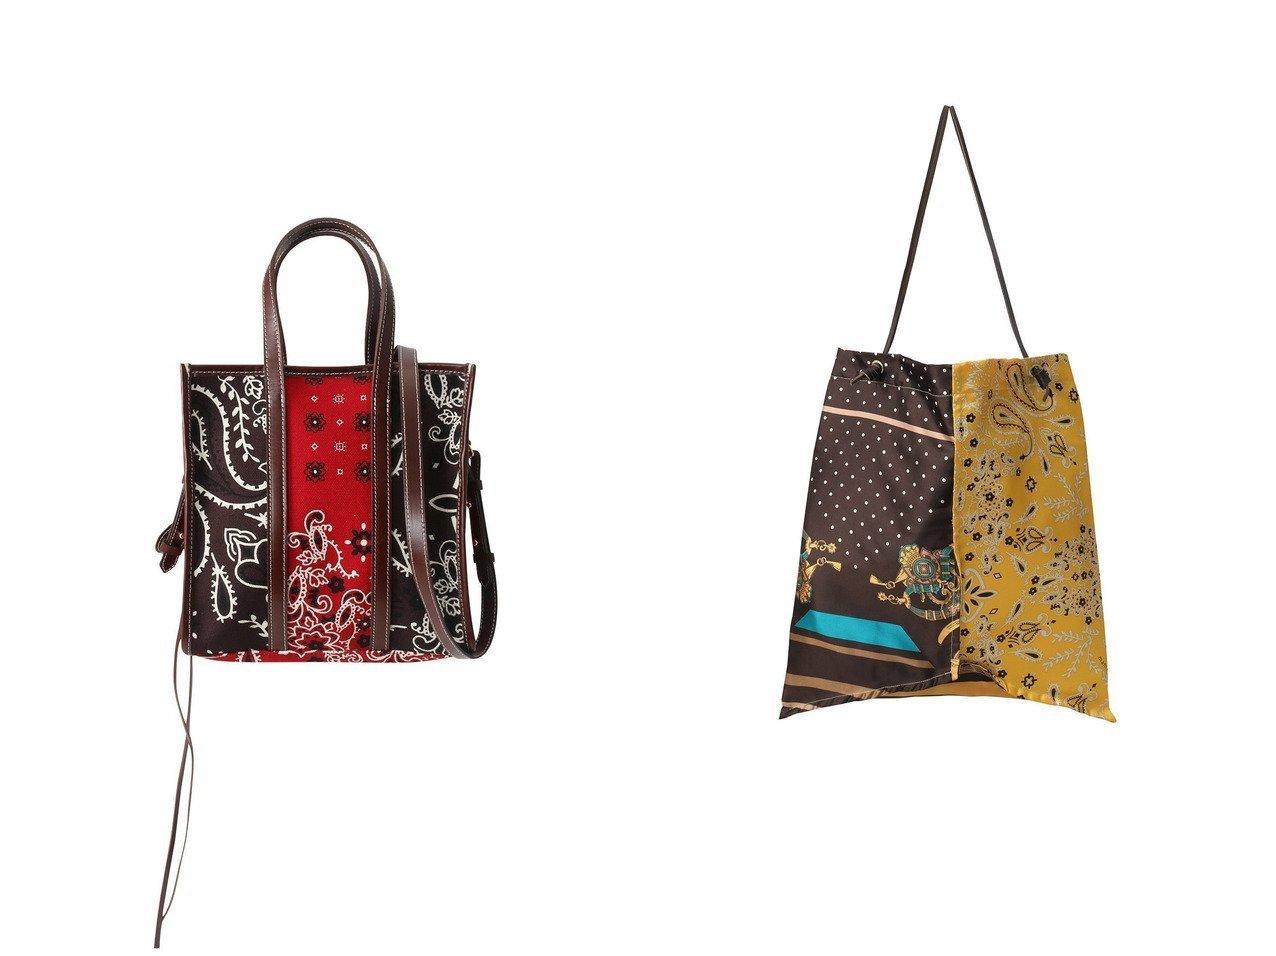 【manipuri/マニプリ】のキャンパスボックスバッグ S&プリントトートバッグ L 【バッグ・鞄】おすすめ!人気、トレンド・レディースファッションの通販 おすすめで人気の流行・トレンド、ファッションの通販商品 インテリア・家具・メンズファッション・キッズファッション・レディースファッション・服の通販 founy(ファニー) https://founy.com/ ファッション Fashion レディースファッション WOMEN バッグ Bag バンダナ フォルム ボックス ラップ |ID:crp329100000069211